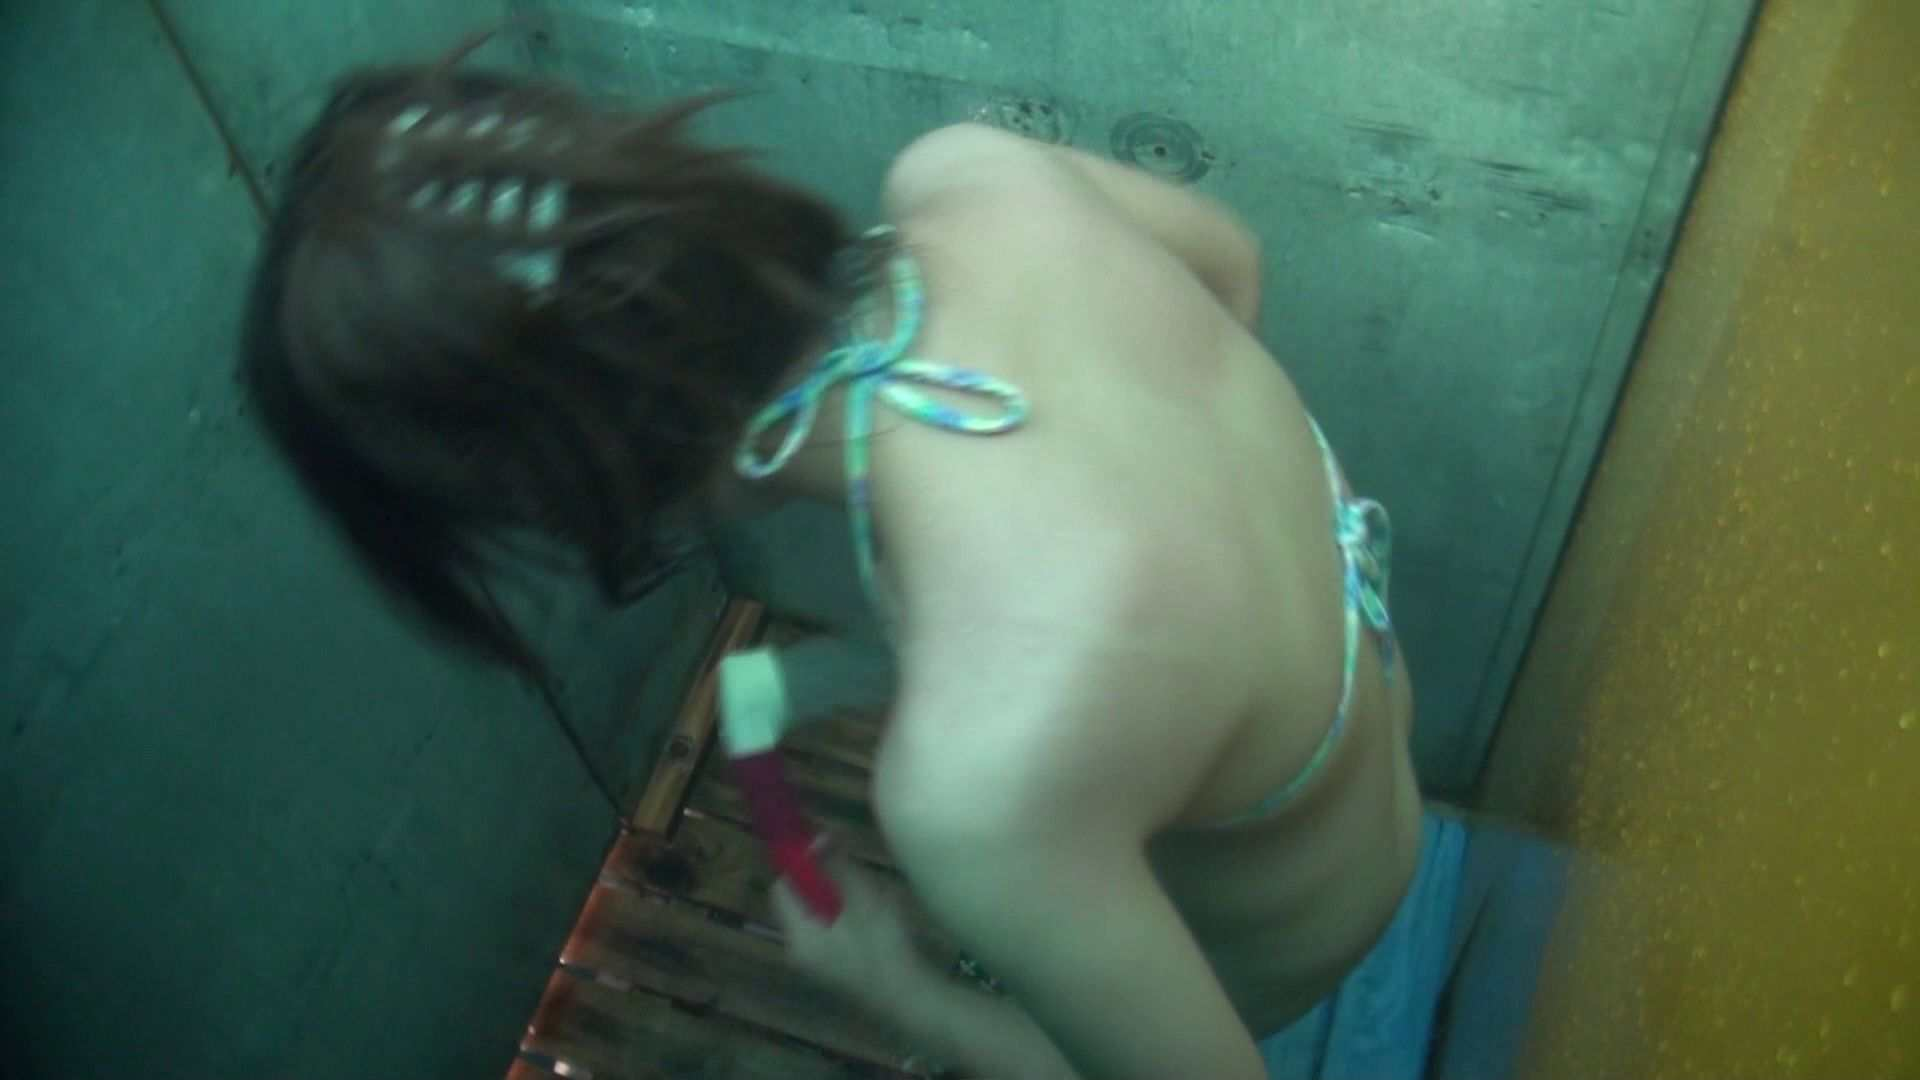 シャワールームは超!!危険な香りVol.15 残念ですが乳首未確認 マンコの砂は入念に 乳首 盗み撮り動画キャプチャ 41pic 23